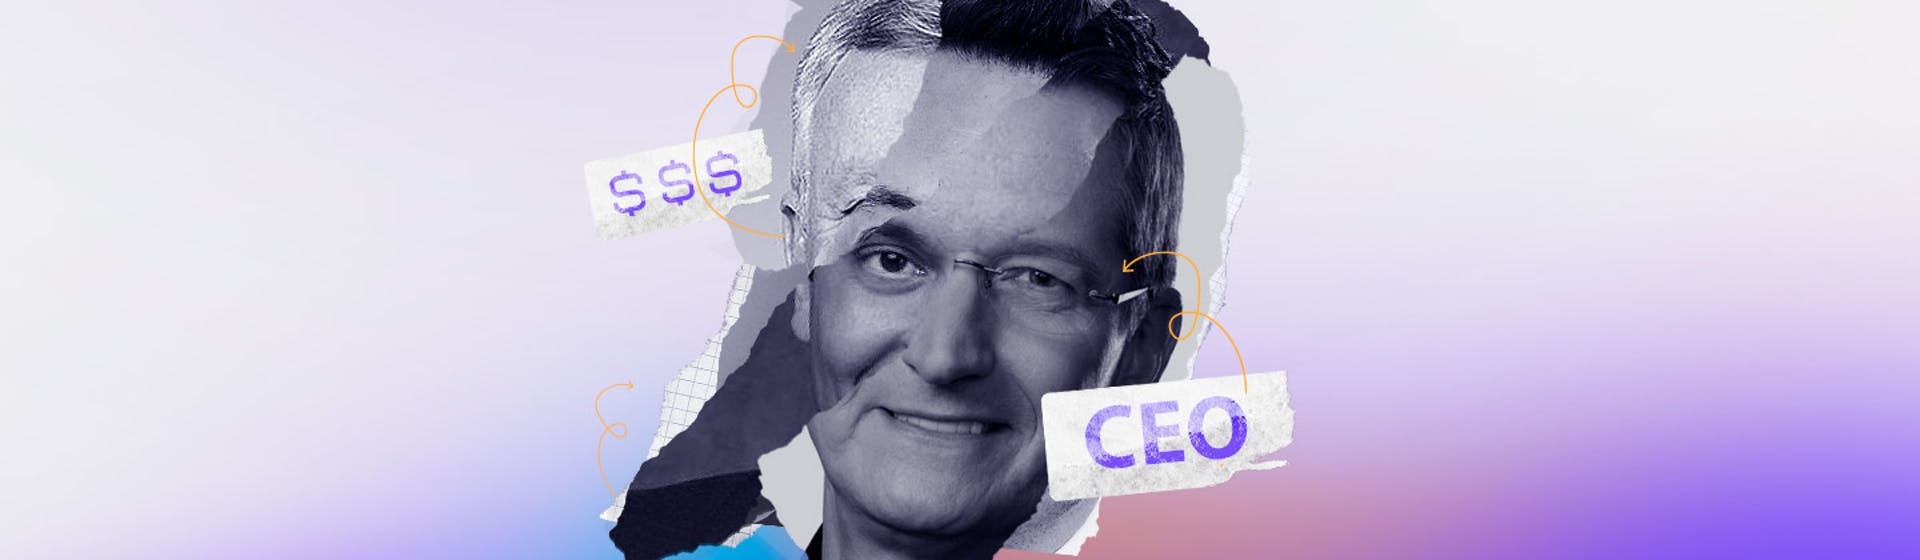 ¿Quiénes son los 10 CEOs más ricos del mundo y cómo hicieron sus fortunas?